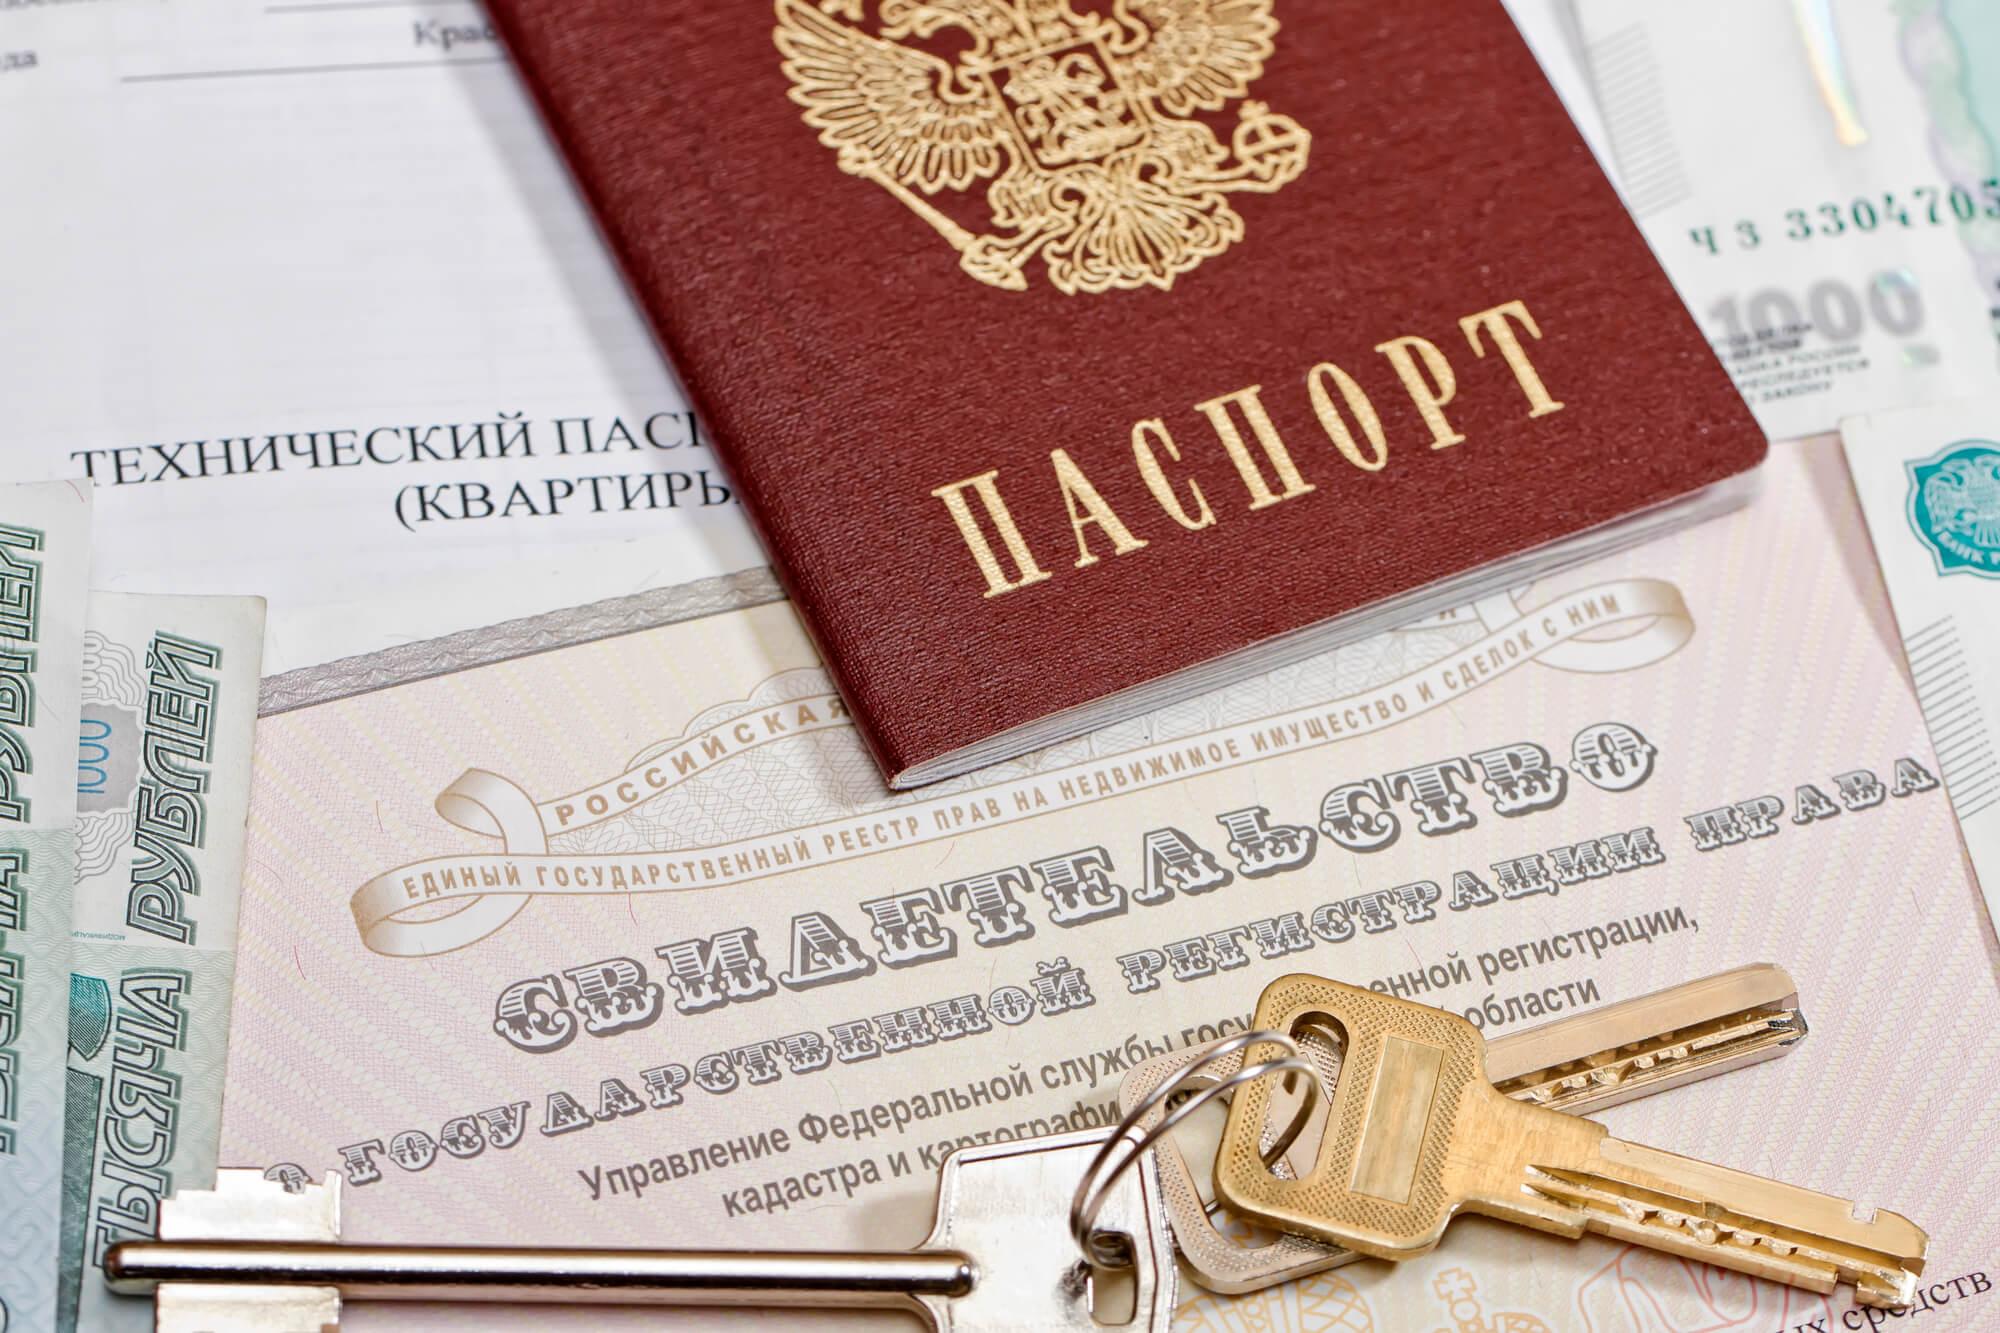 Регистрация права собственности в Краснодаре